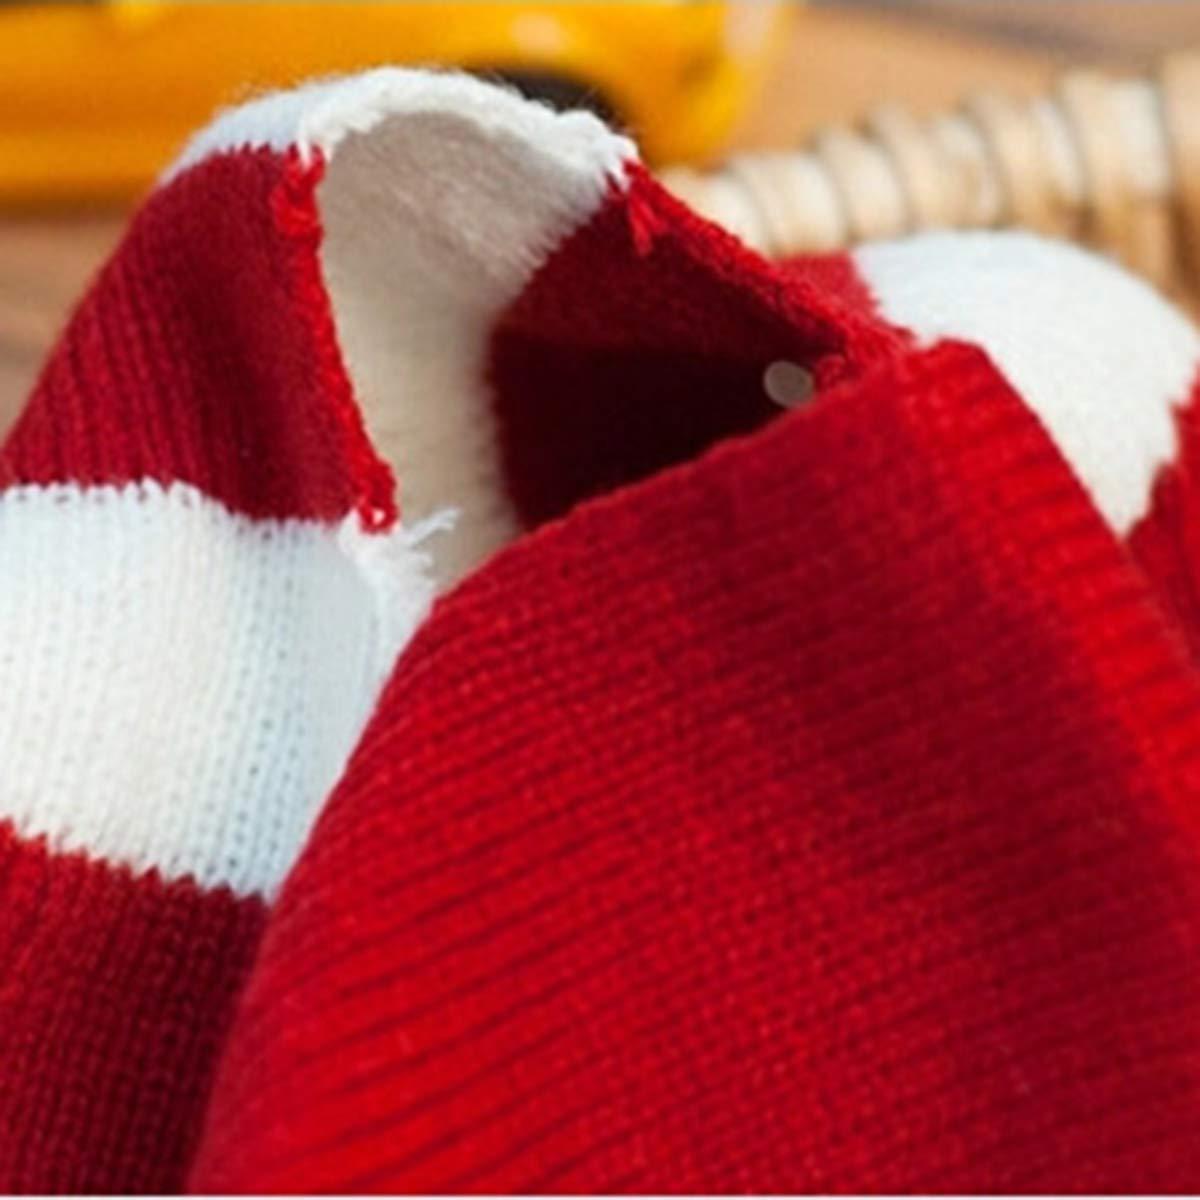 Luojida Natale, XXS-Lunghezza Posteriore 18cm Felpa per Cani Vestiti Cane Maglie Costume Design Natale Primavera Autunno Giacca per Piccola Barboncino Bulldog Gatto